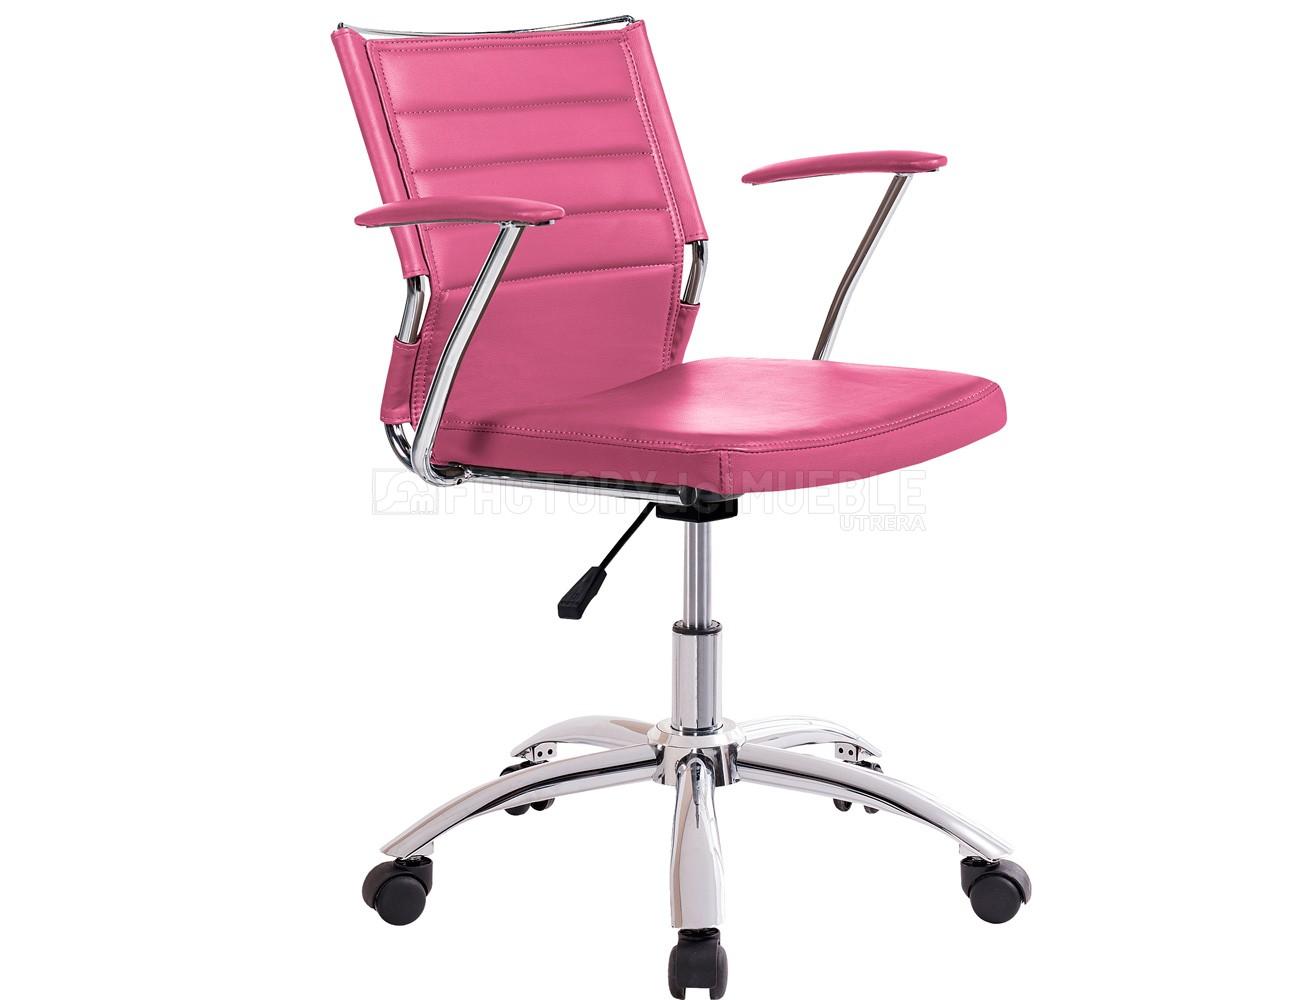 Silla oficina despacho regulable altura apoya brazos polipiel rosa ruedas